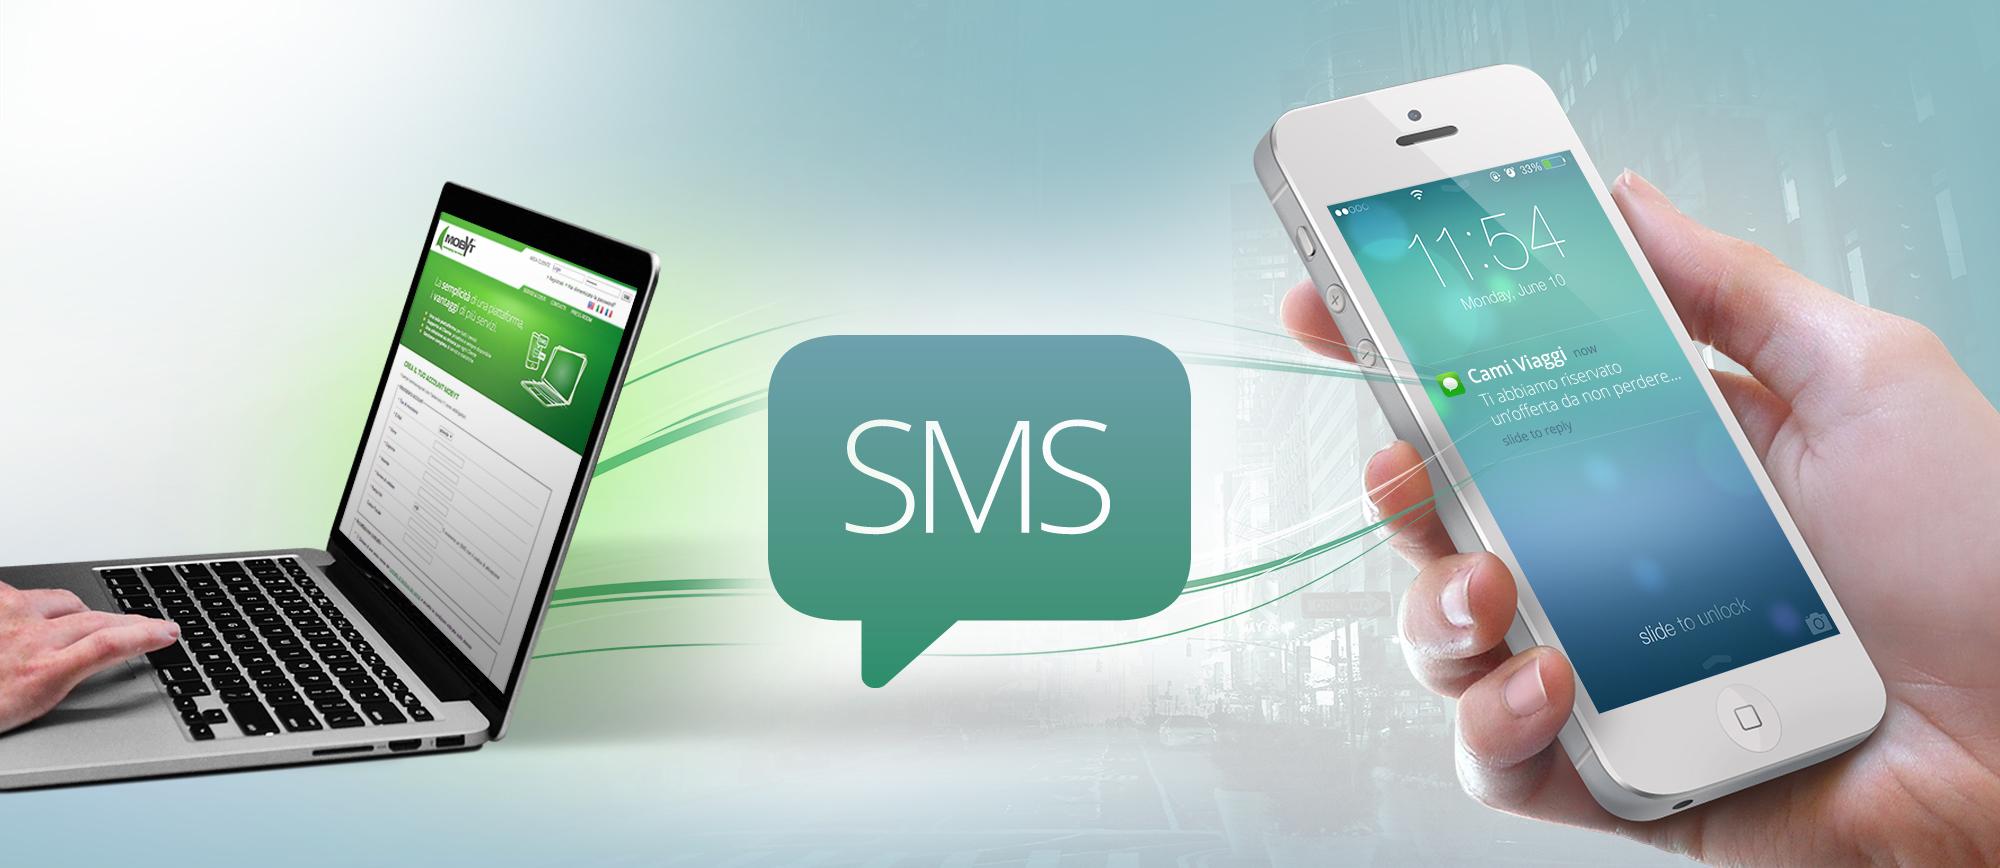 Định nghĩa về SMS Marketing bạn cần biết gì?